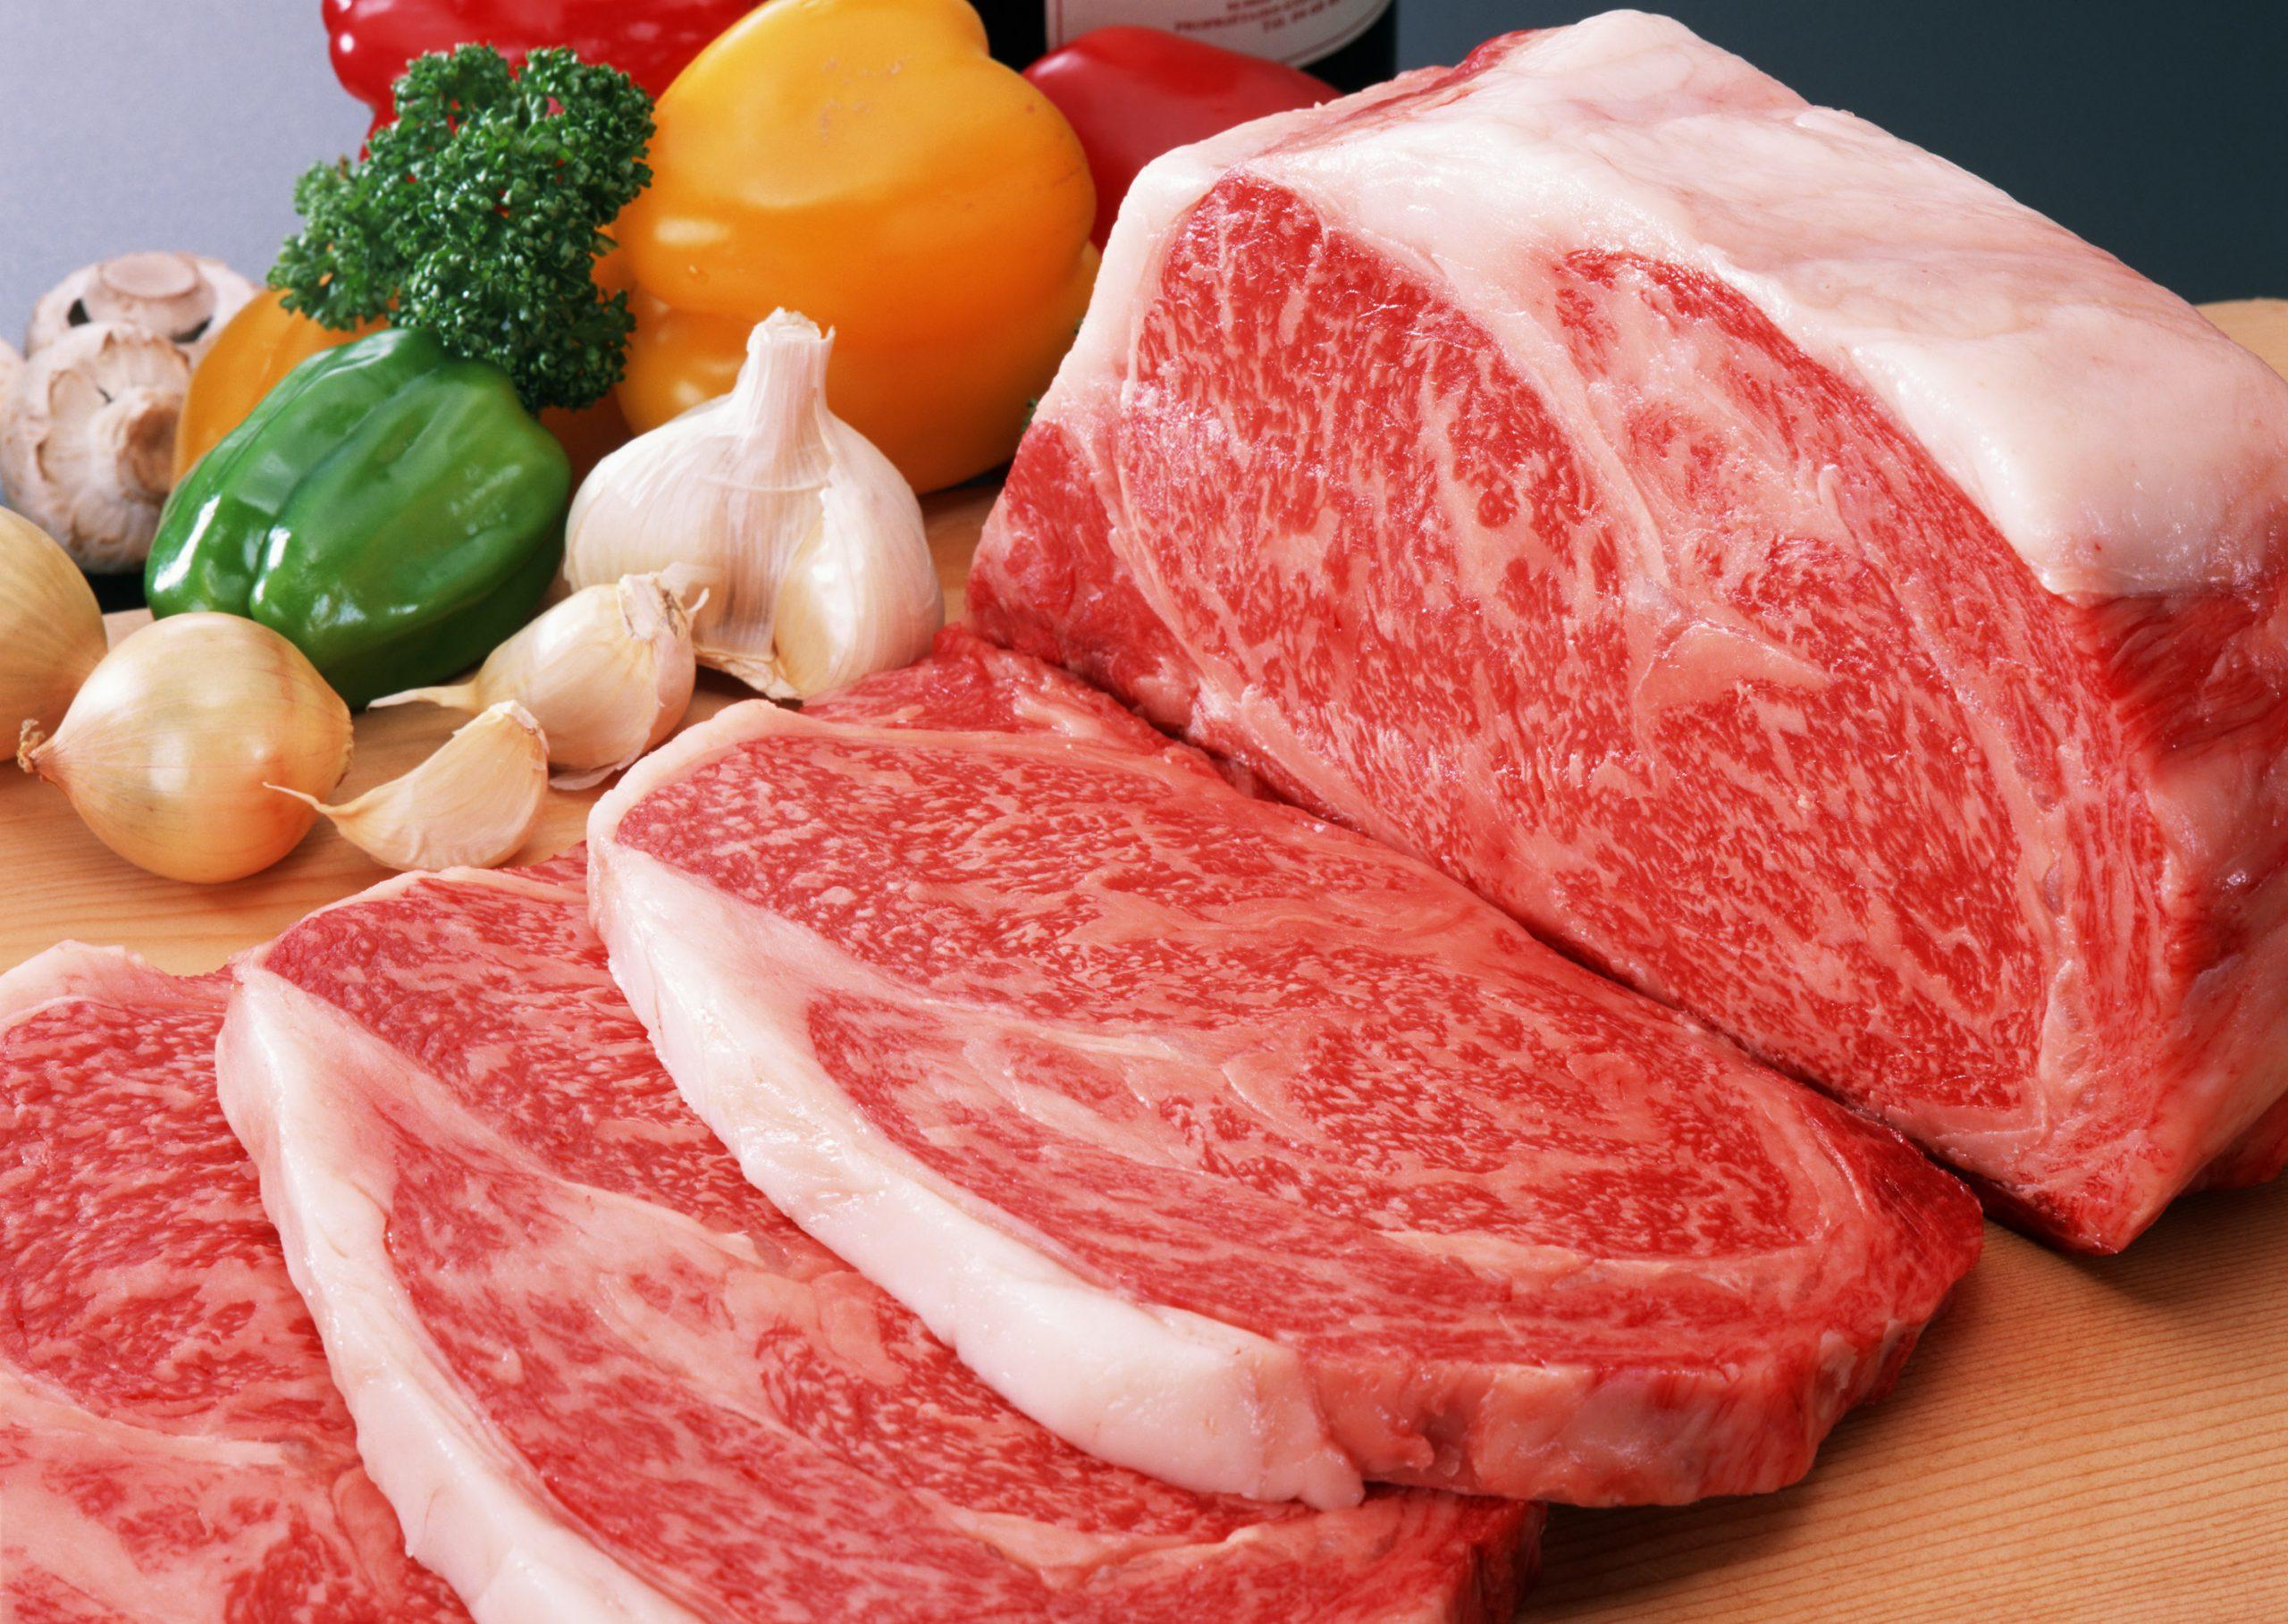 خواص ثابت شده ی گوشت قرمز برای مغز، پوست و مو